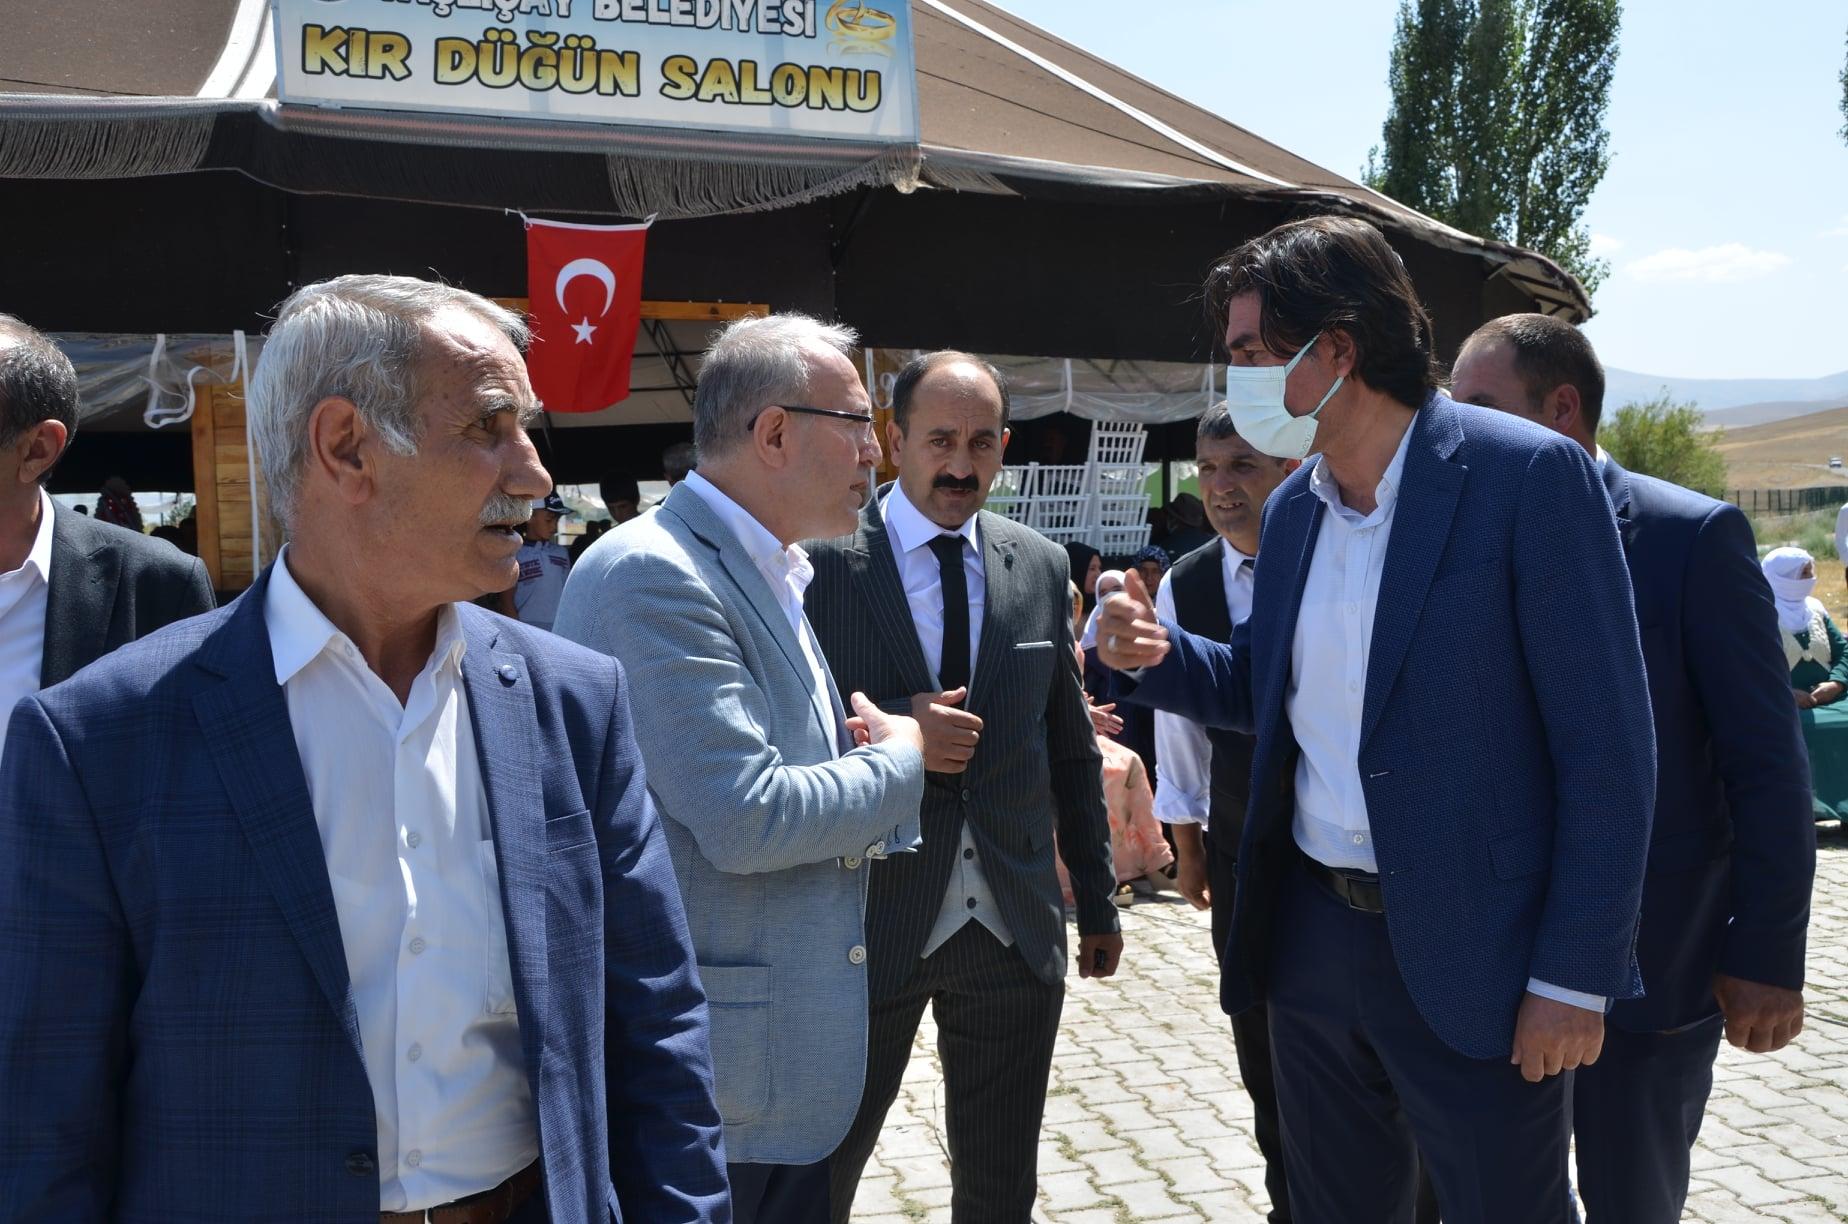 Bir Mehmetnuri Samancı dahil 5 kişi, ayakta duran insanlar ve açık hava görseli olabilir